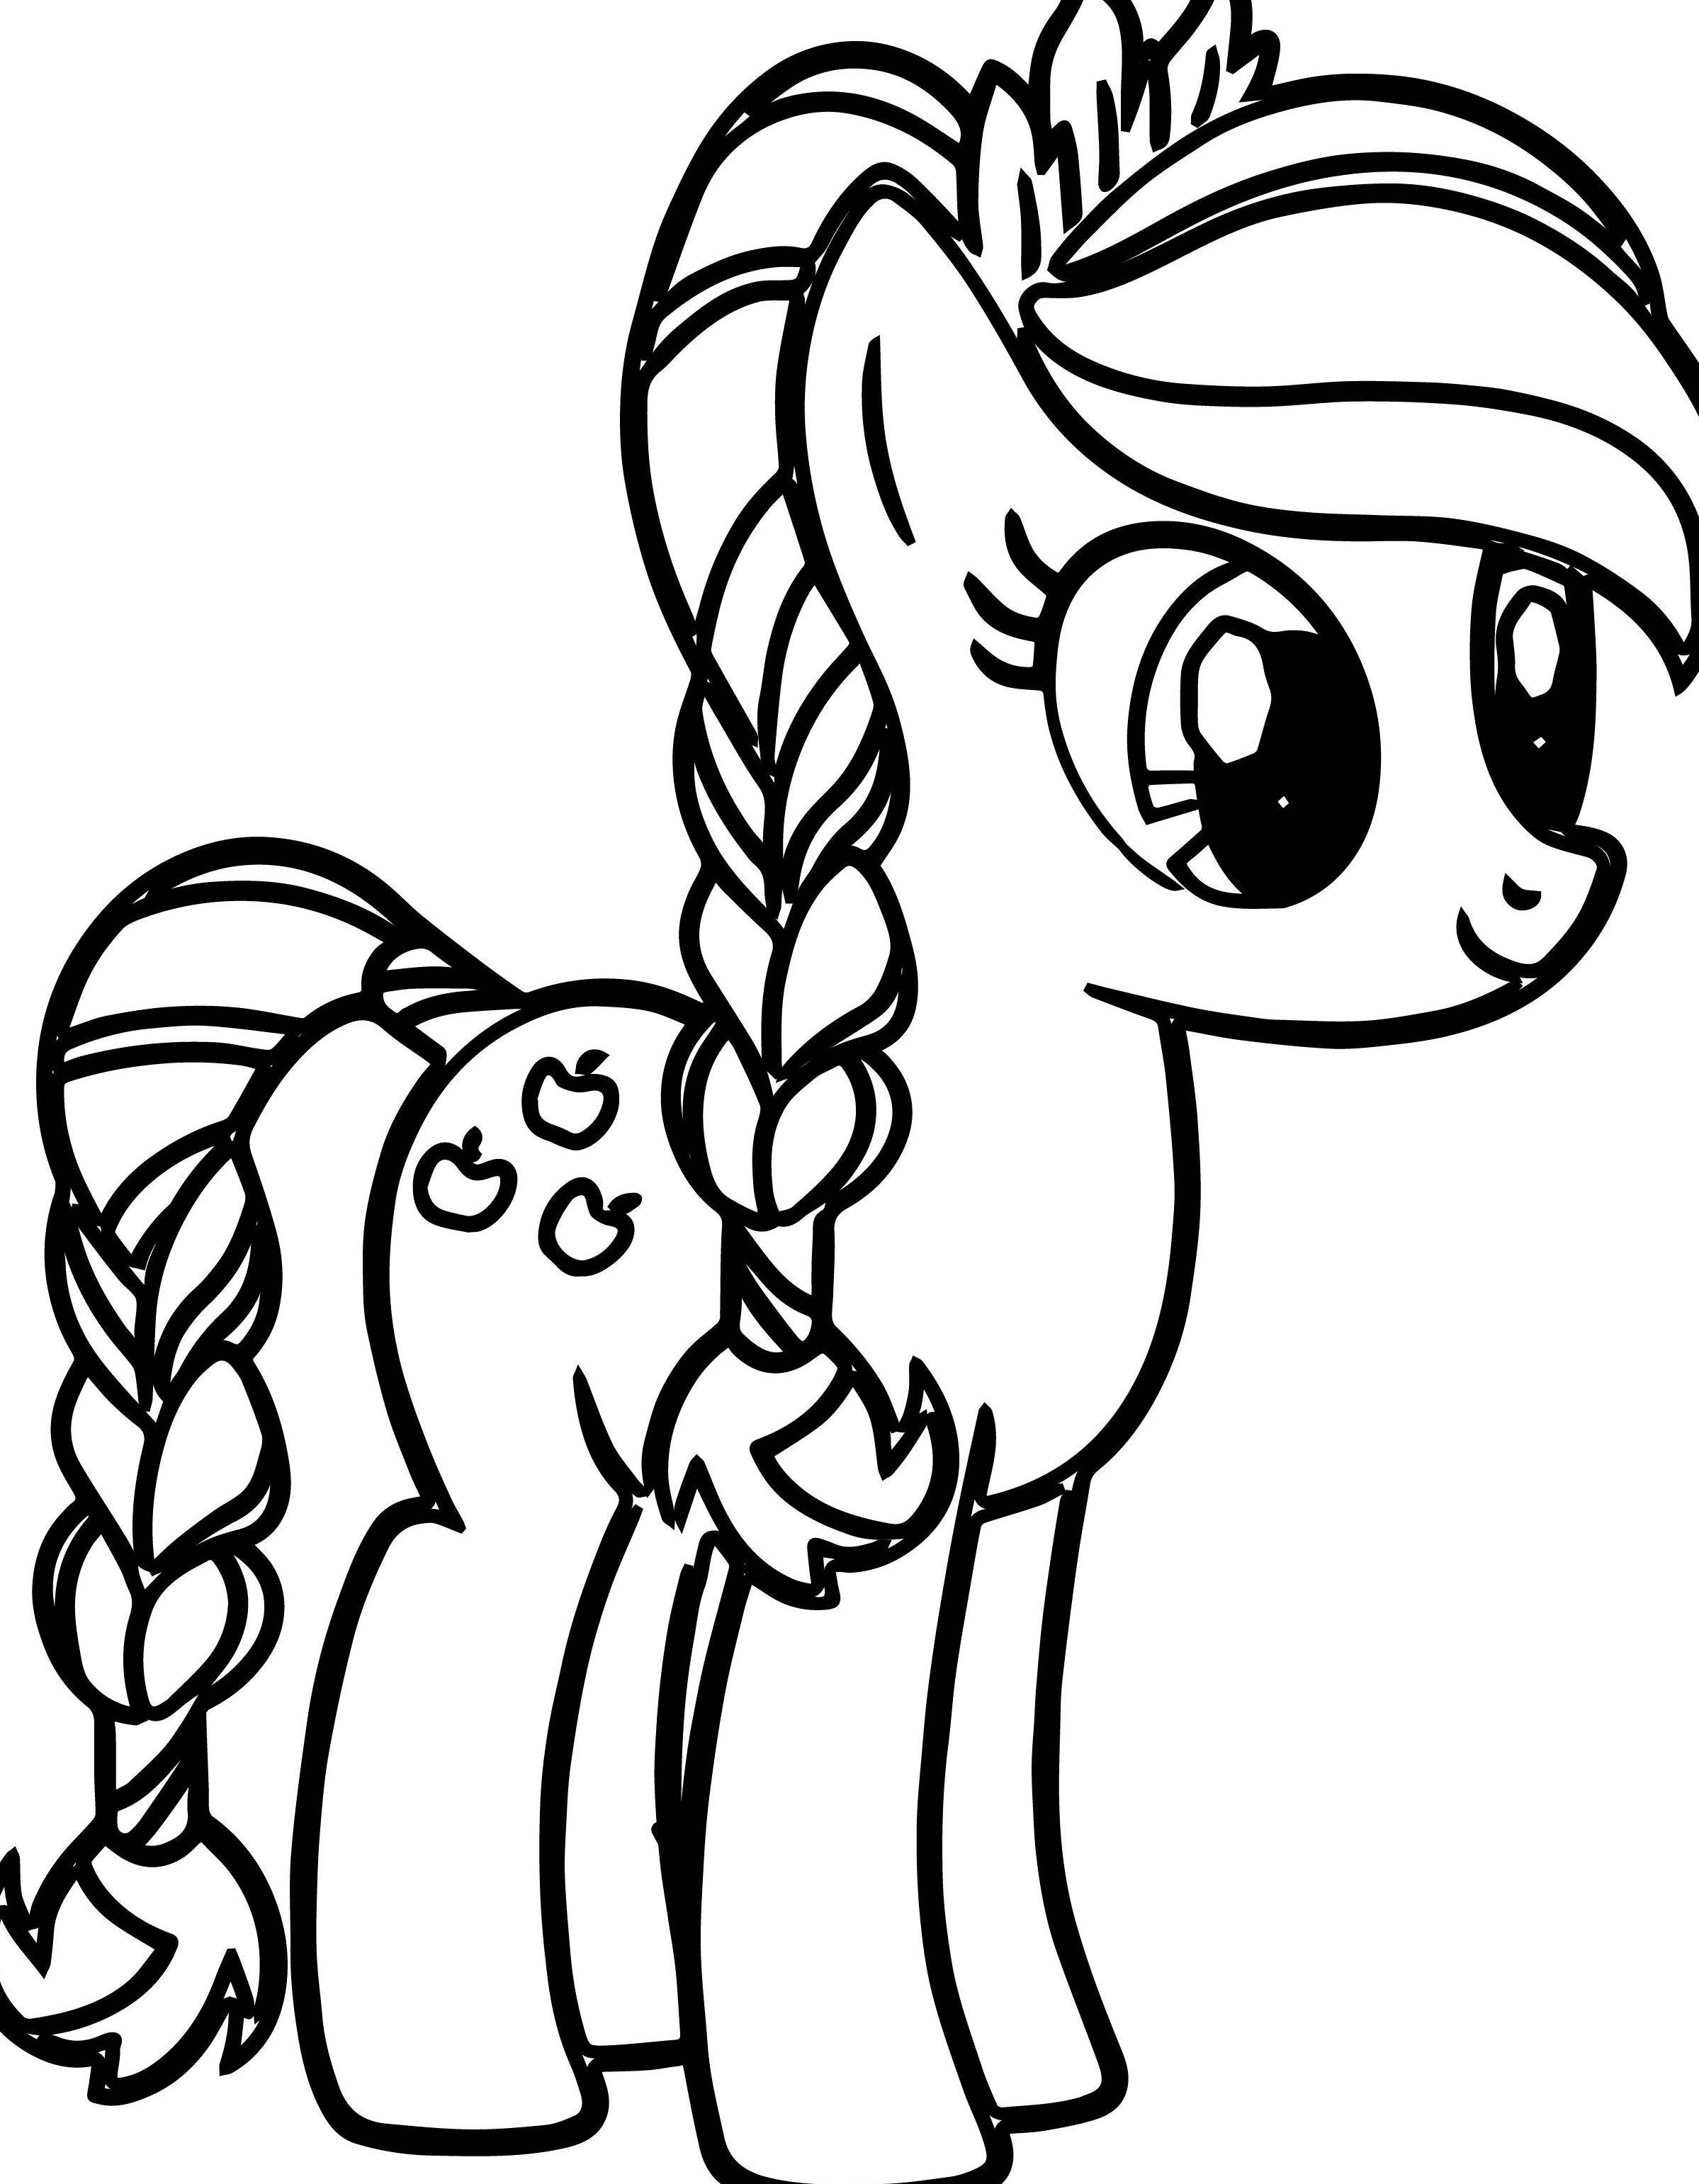 Http Www Allfreecoloringpages Net My Little Pony My Little Pony My Little Pony Printable Unicorn Coloring Pages My Little Pony Coloring